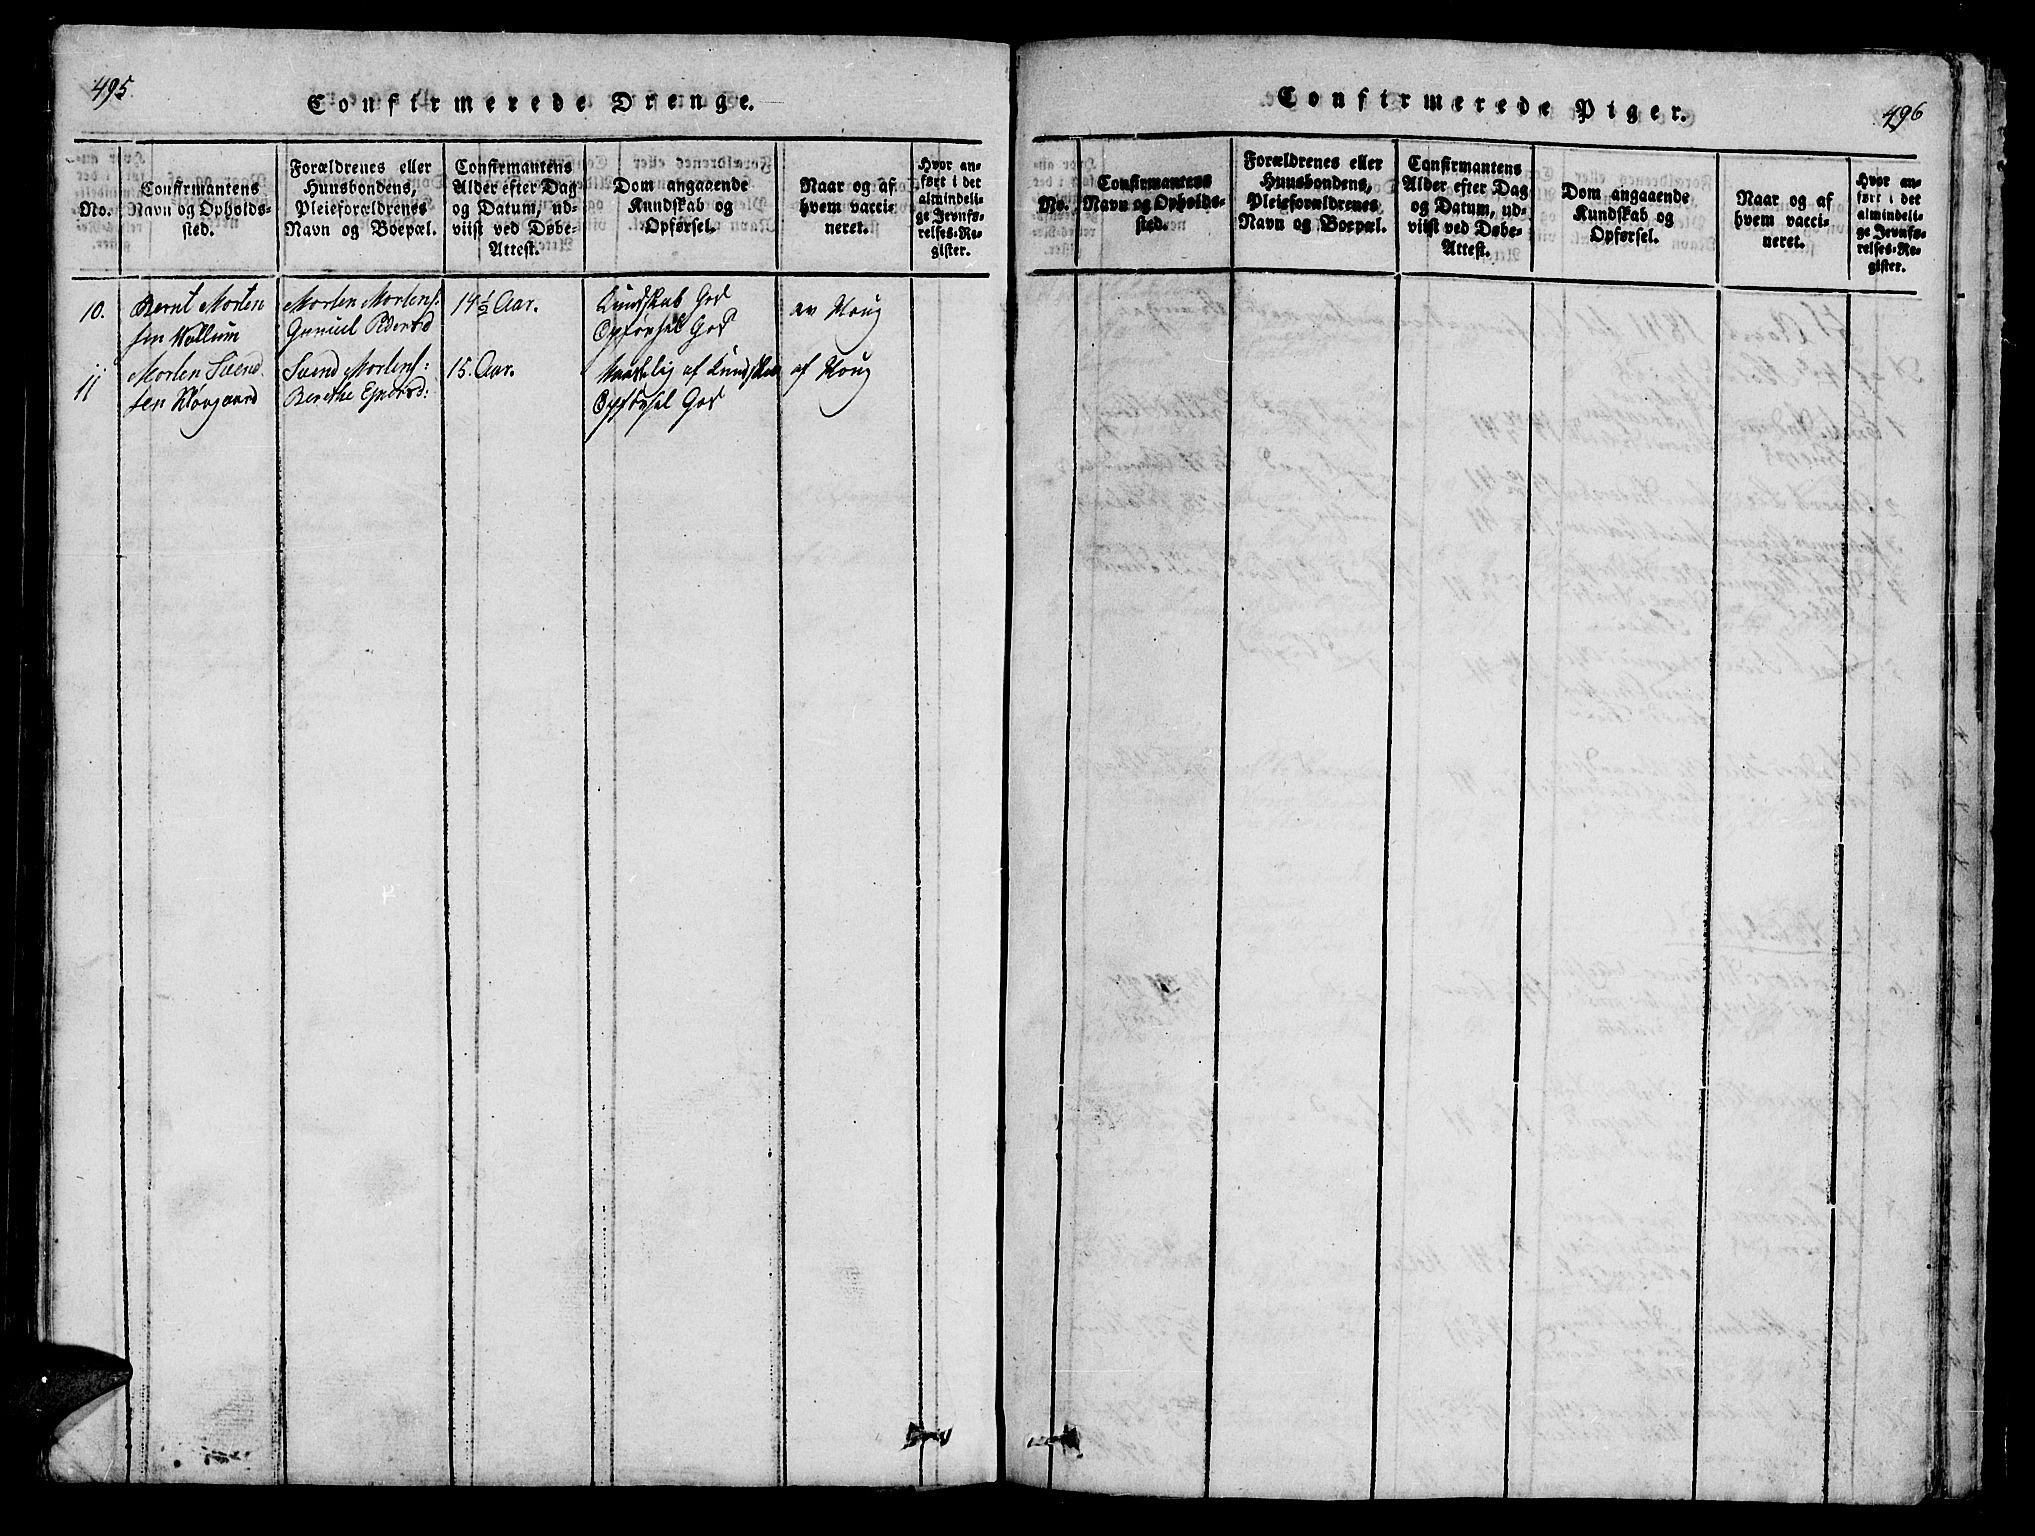 SAT, Ministerialprotokoller, klokkerbøker og fødselsregistre - Nord-Trøndelag, 747/L0459: Klokkerbok nr. 747C01, 1816-1842, s. 495-496